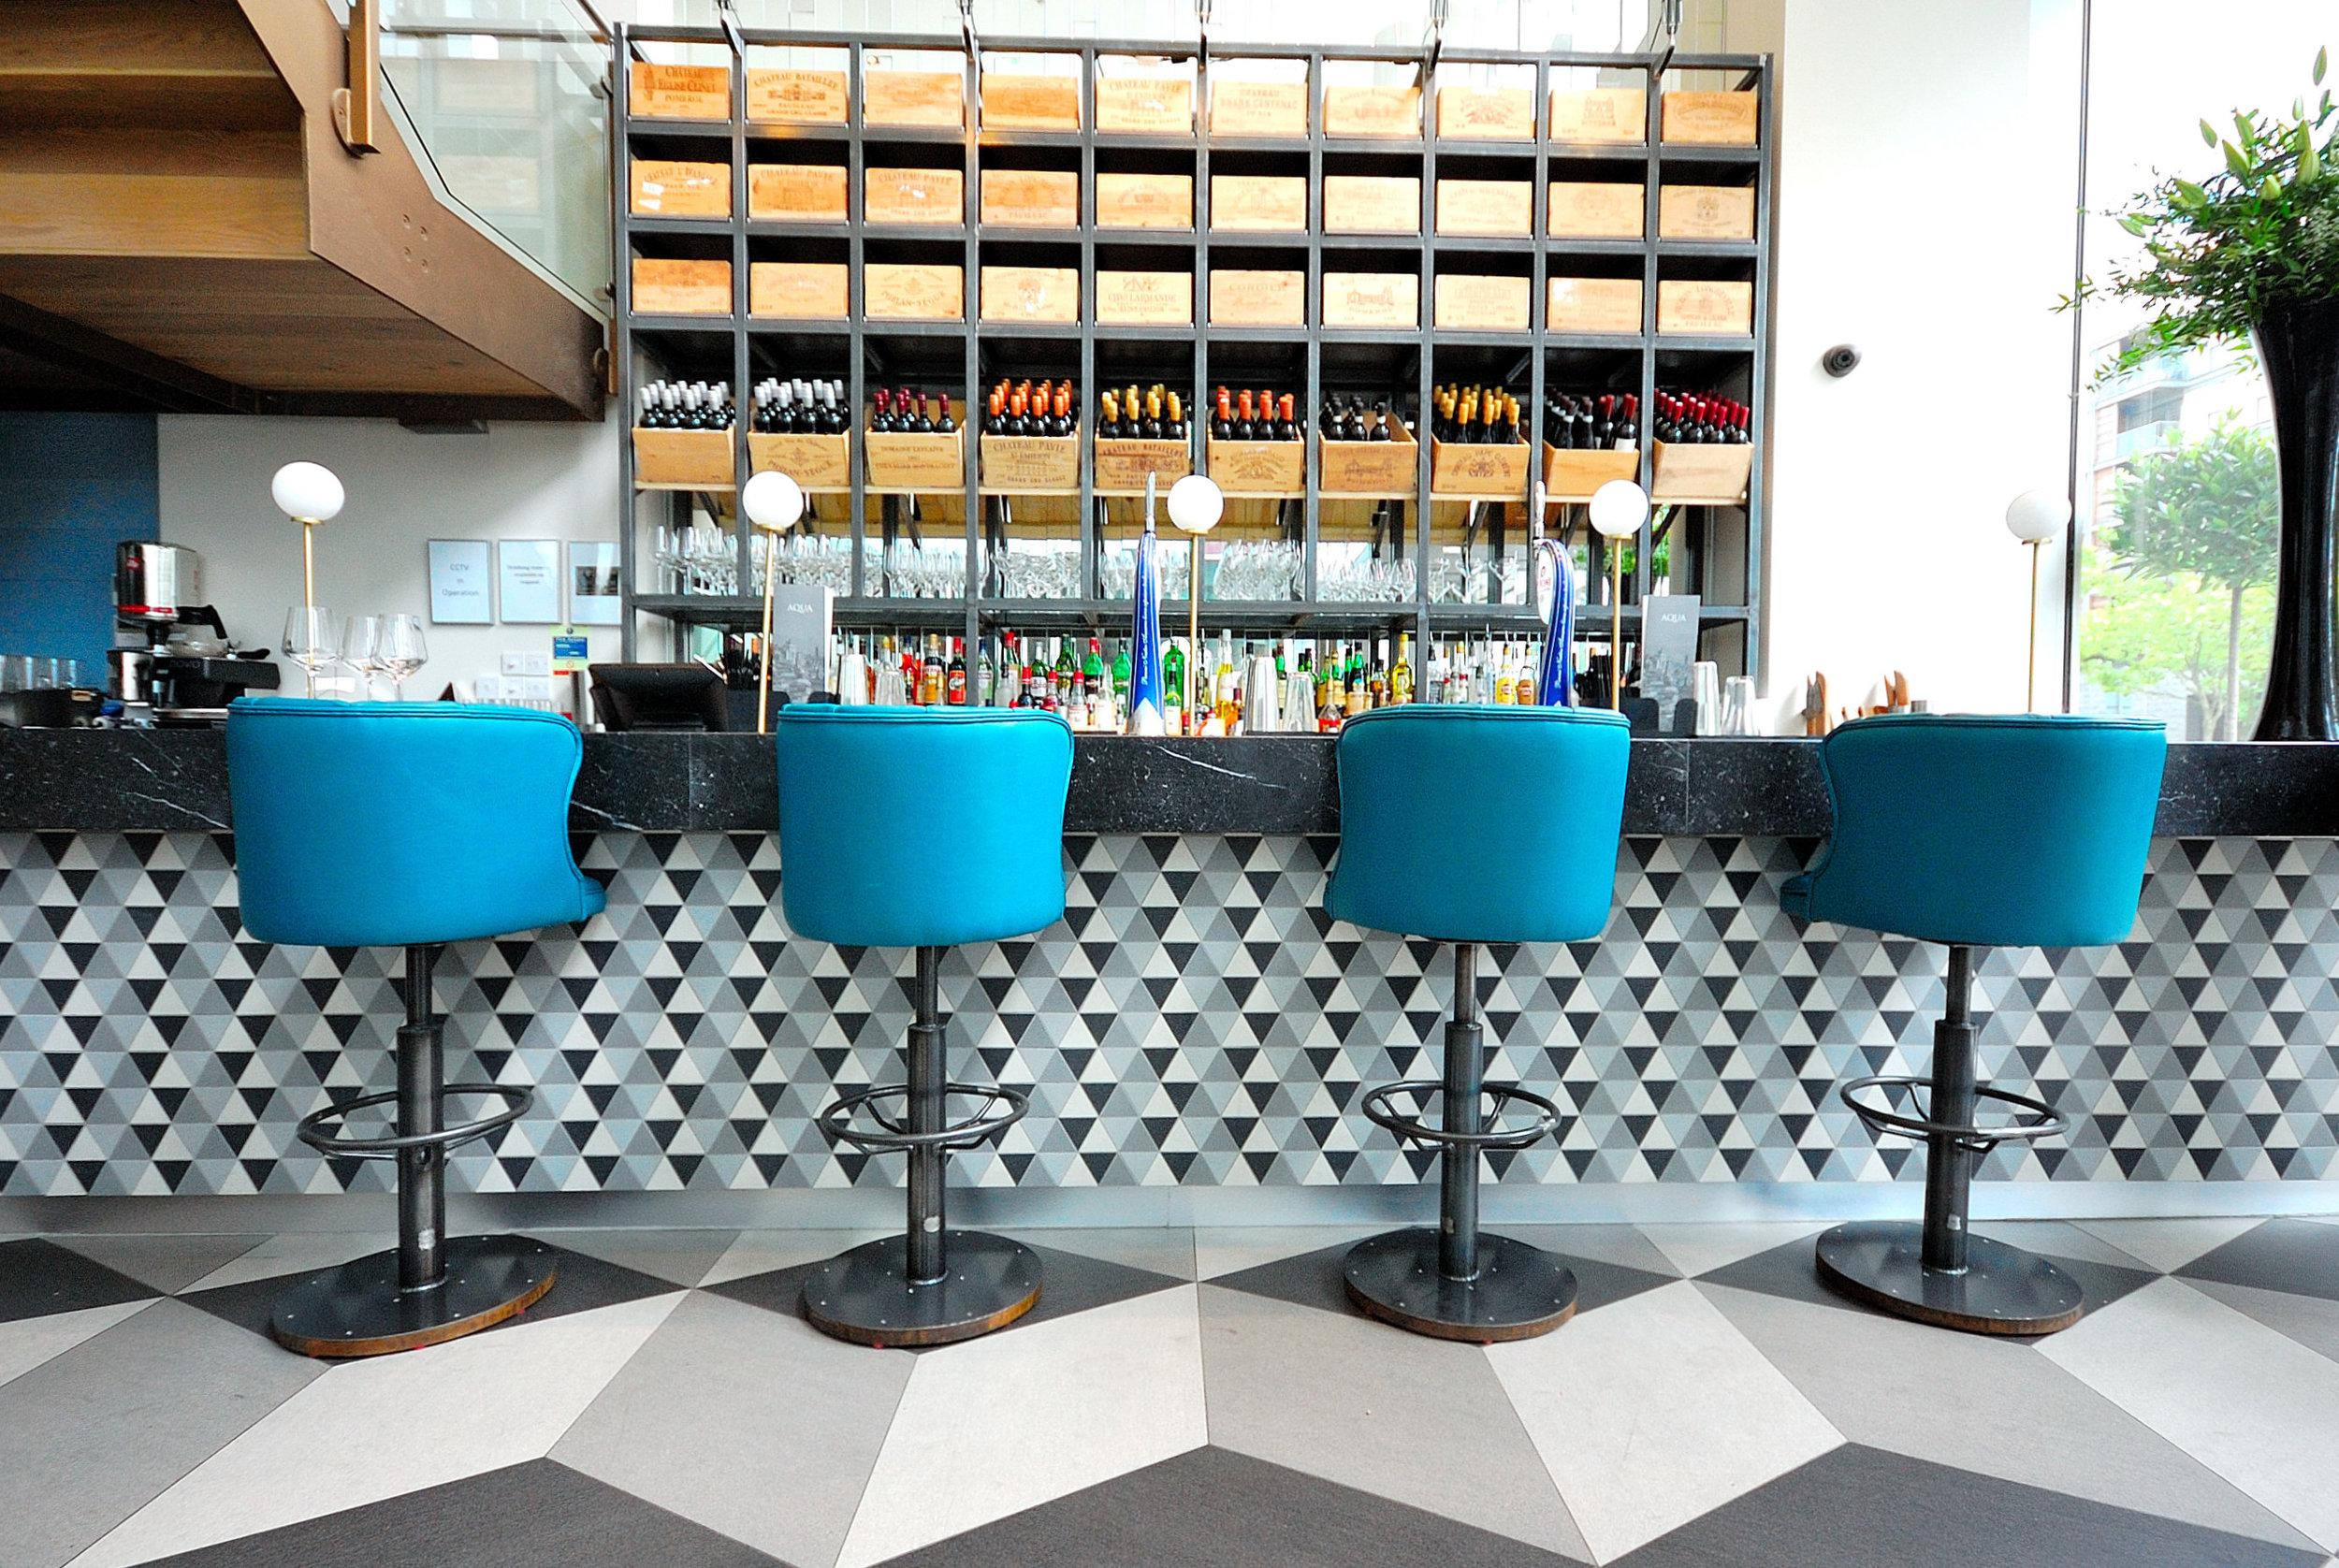 Aqua, Milton Keynes… - We sourced and supplied these slimtech porcelain tiles for this unique design.